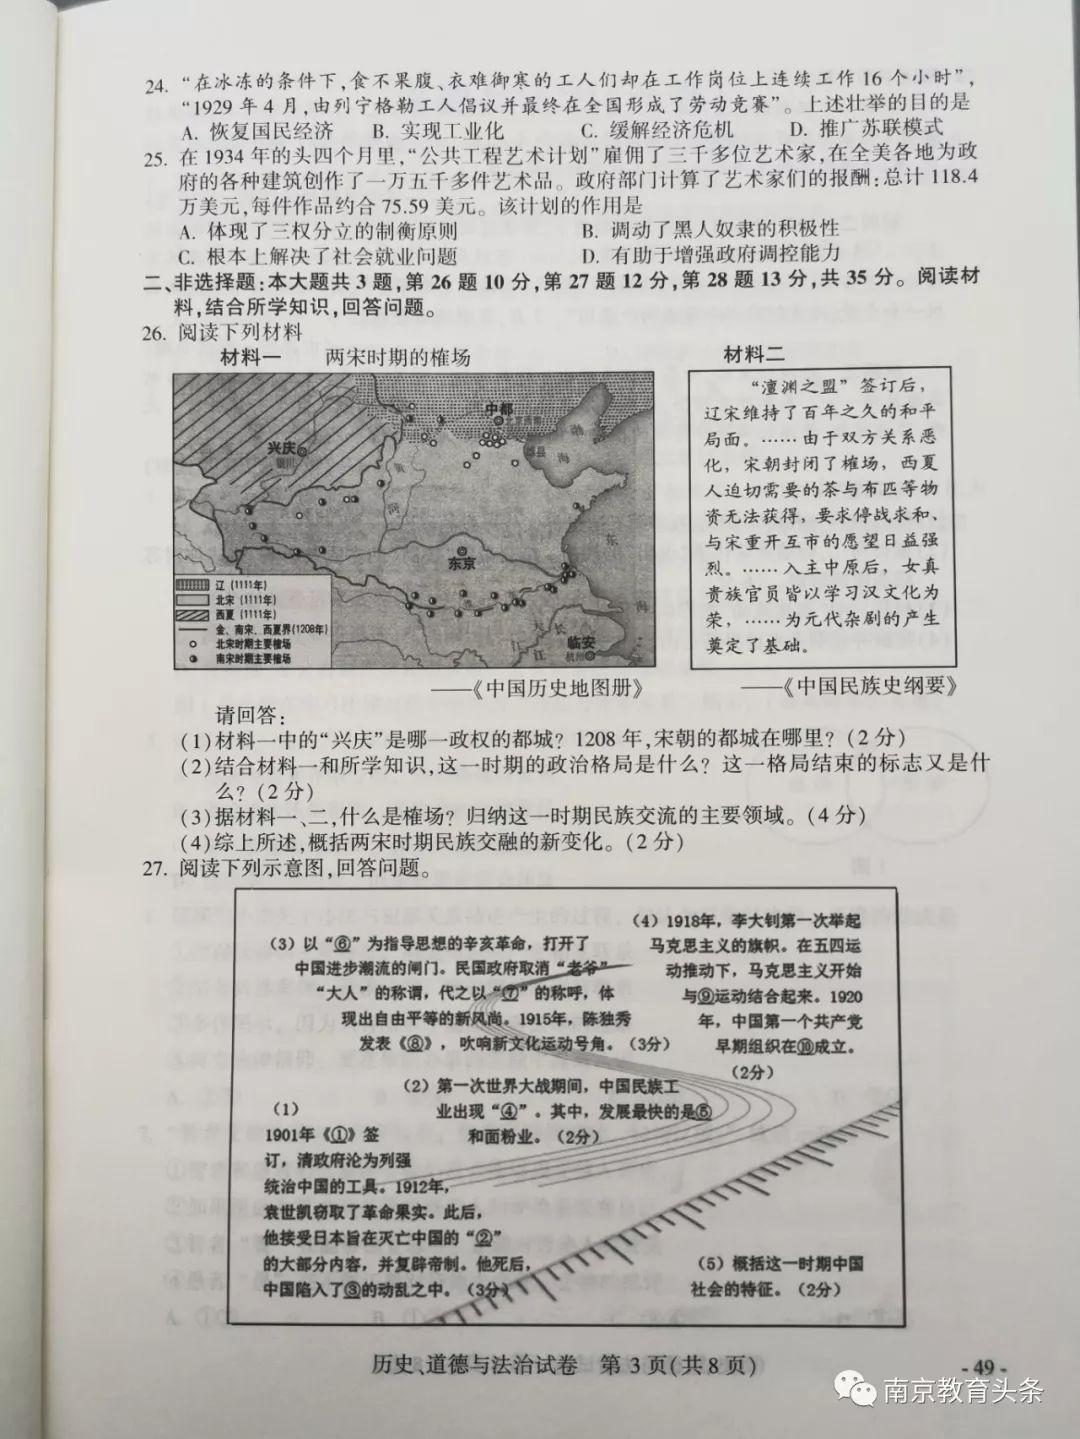 2019年江苏南京中考历史真题及答案已公布